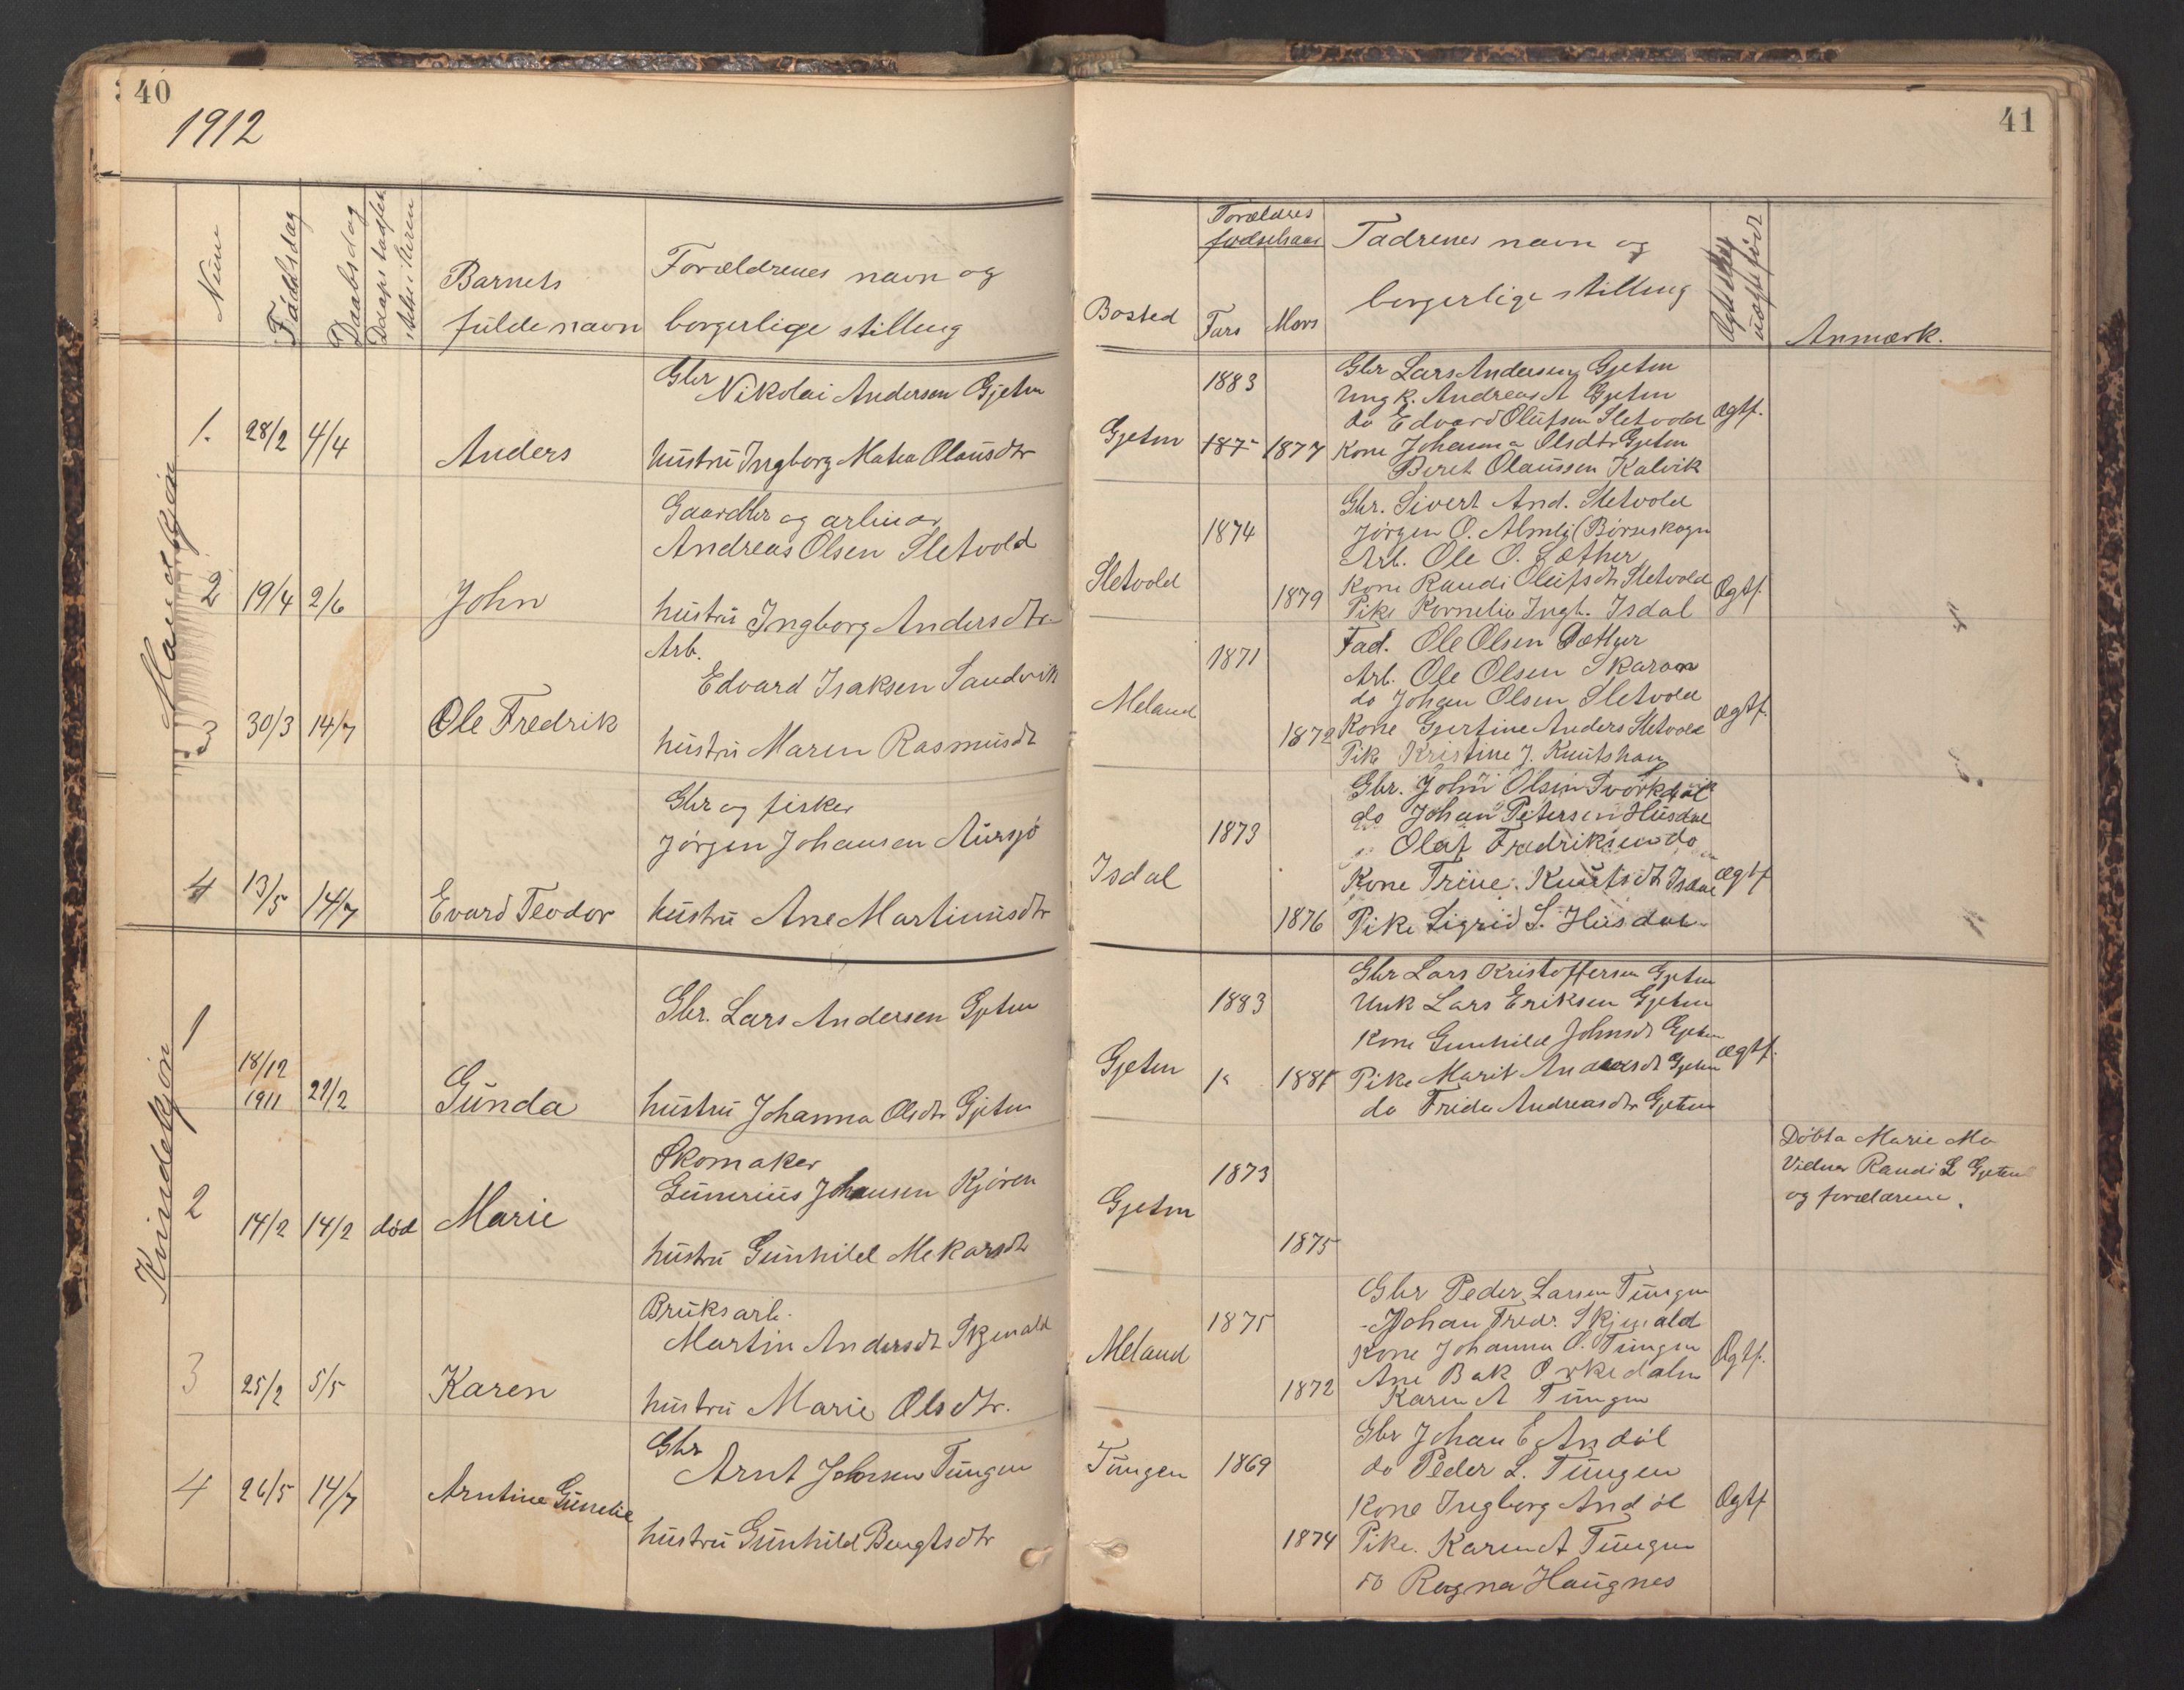 SAT, Ministerialprotokoller, klokkerbøker og fødselsregistre - Sør-Trøndelag, 670/L0837: Klokkerbok nr. 670C01, 1905-1946, s. 40-41